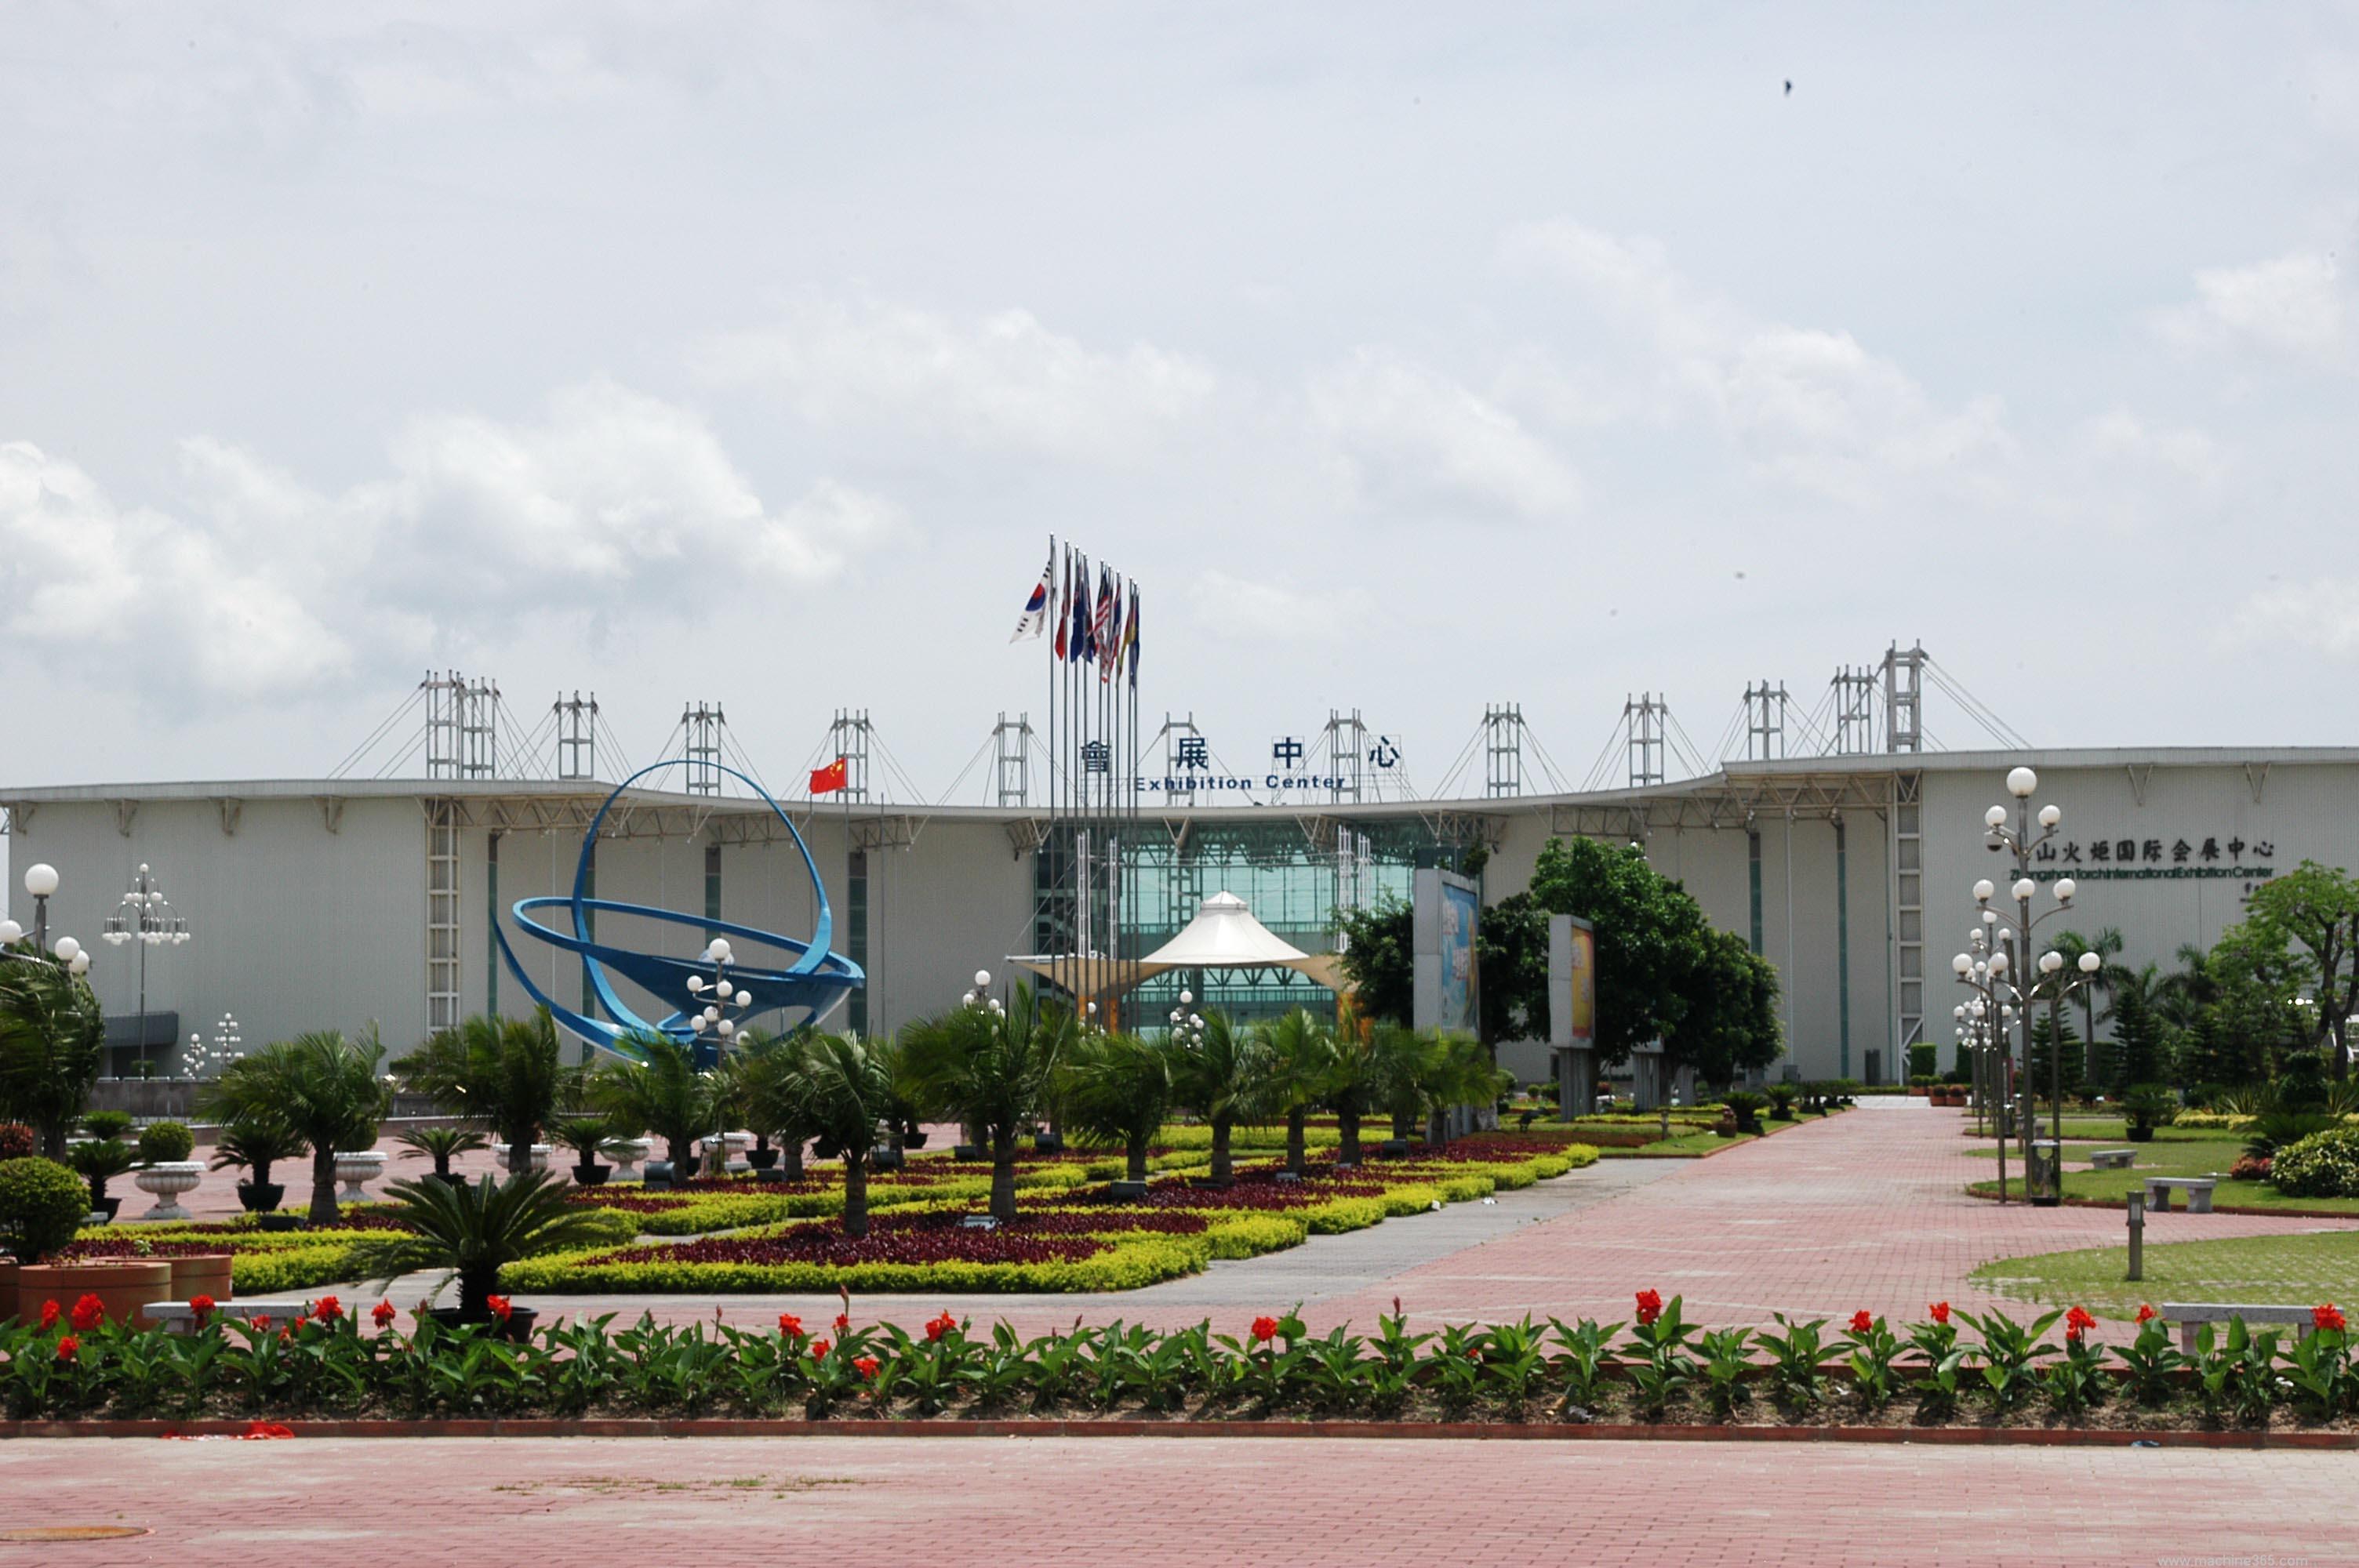 中山市火炬国际会展中心